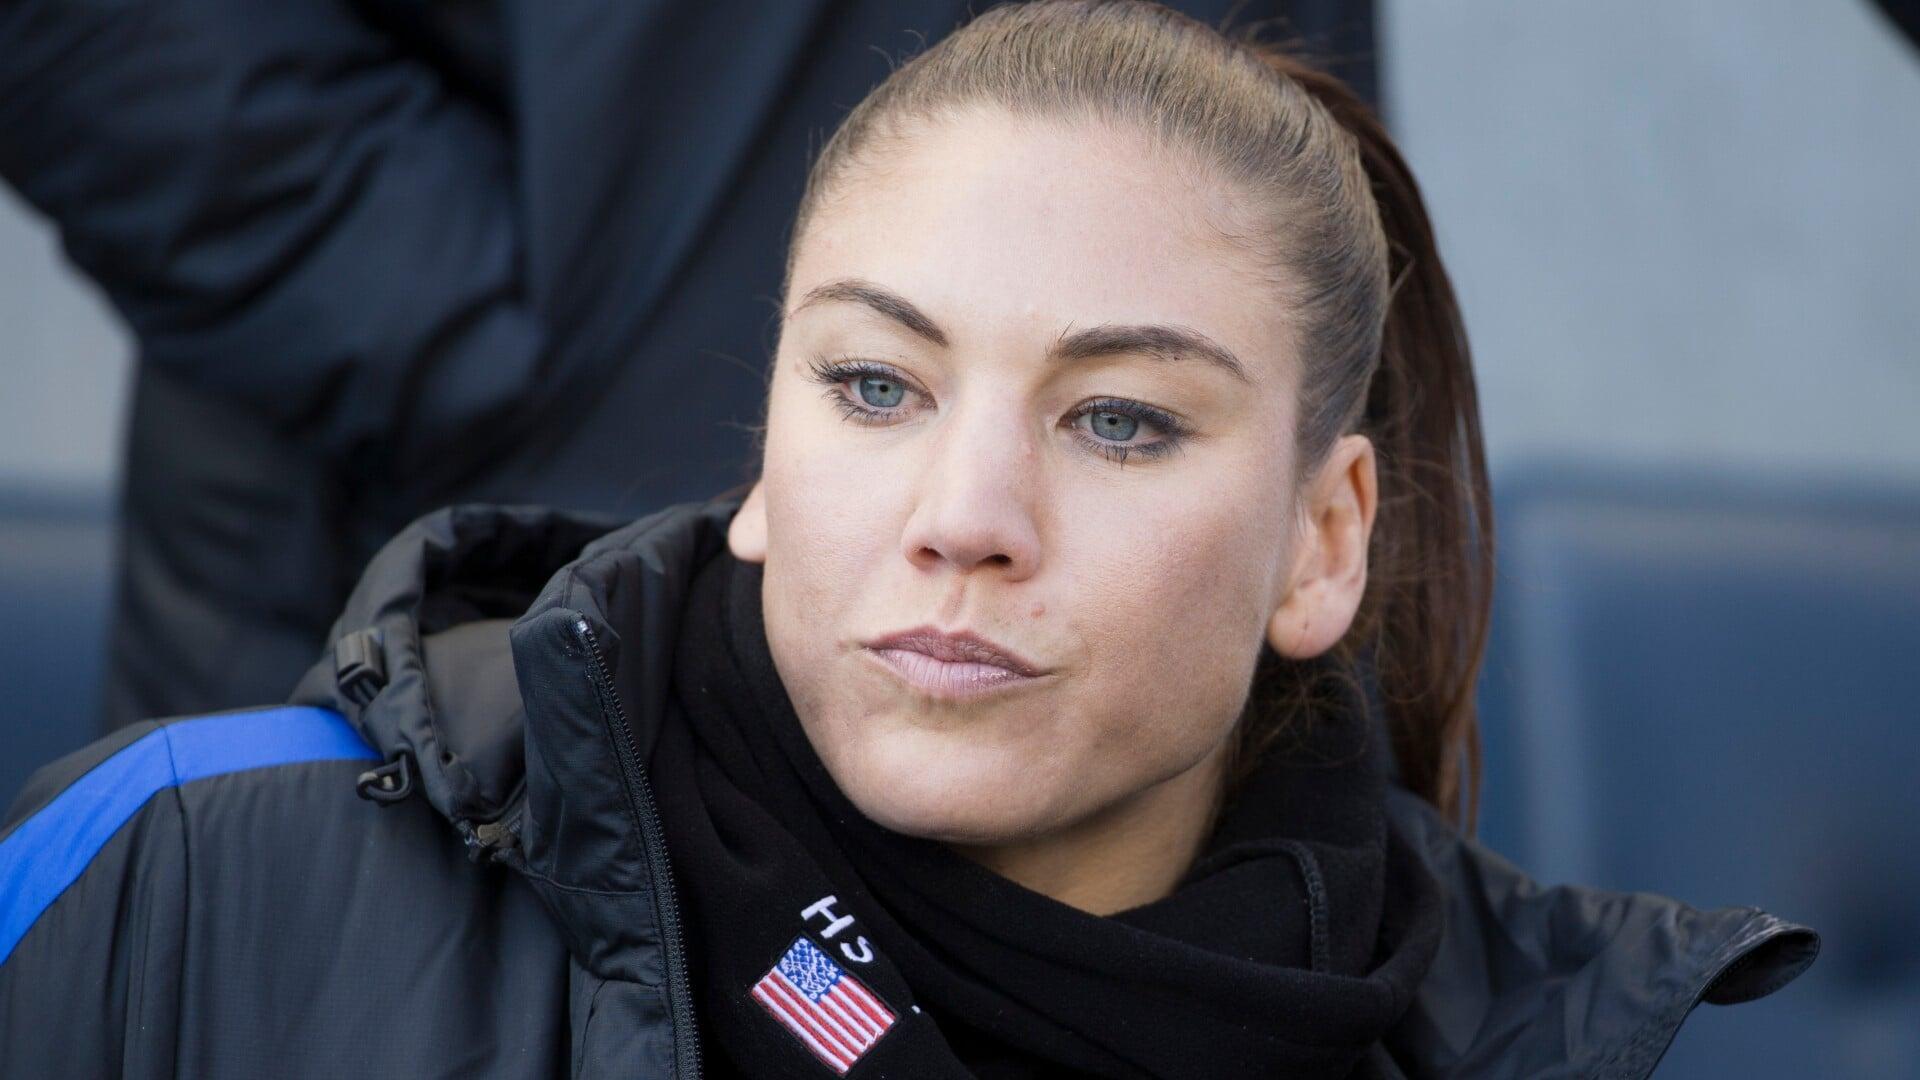 Экс-вратарь женской сборной США Соло о непопадании в национальный футбольный Зал славы: «Отстой. У меня мировой рекорд по сухим матчам среди мужчин и женщин»